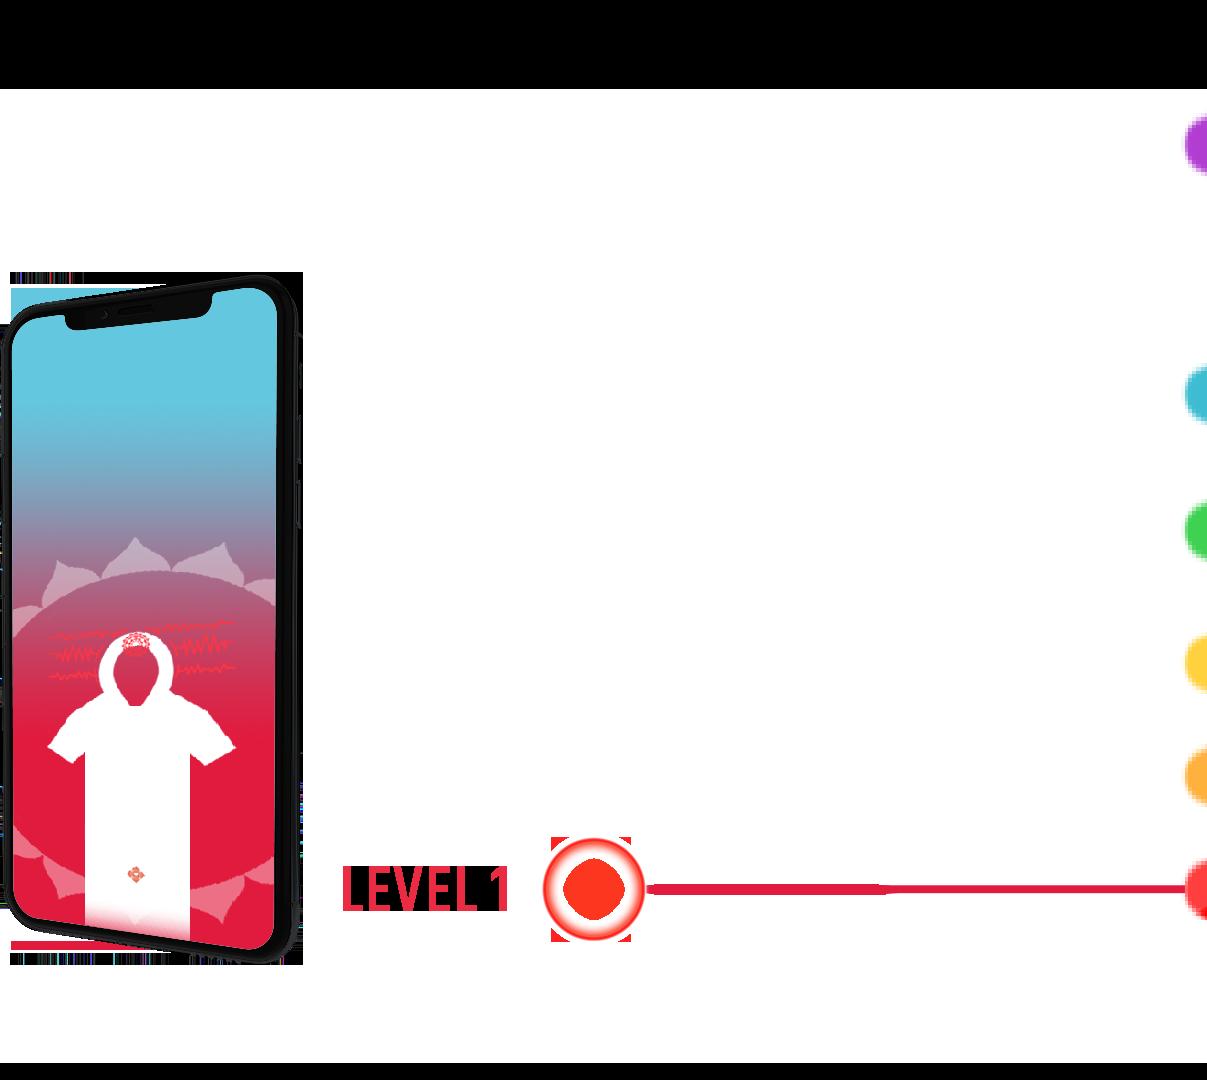 Med_Level1_Red_Crop